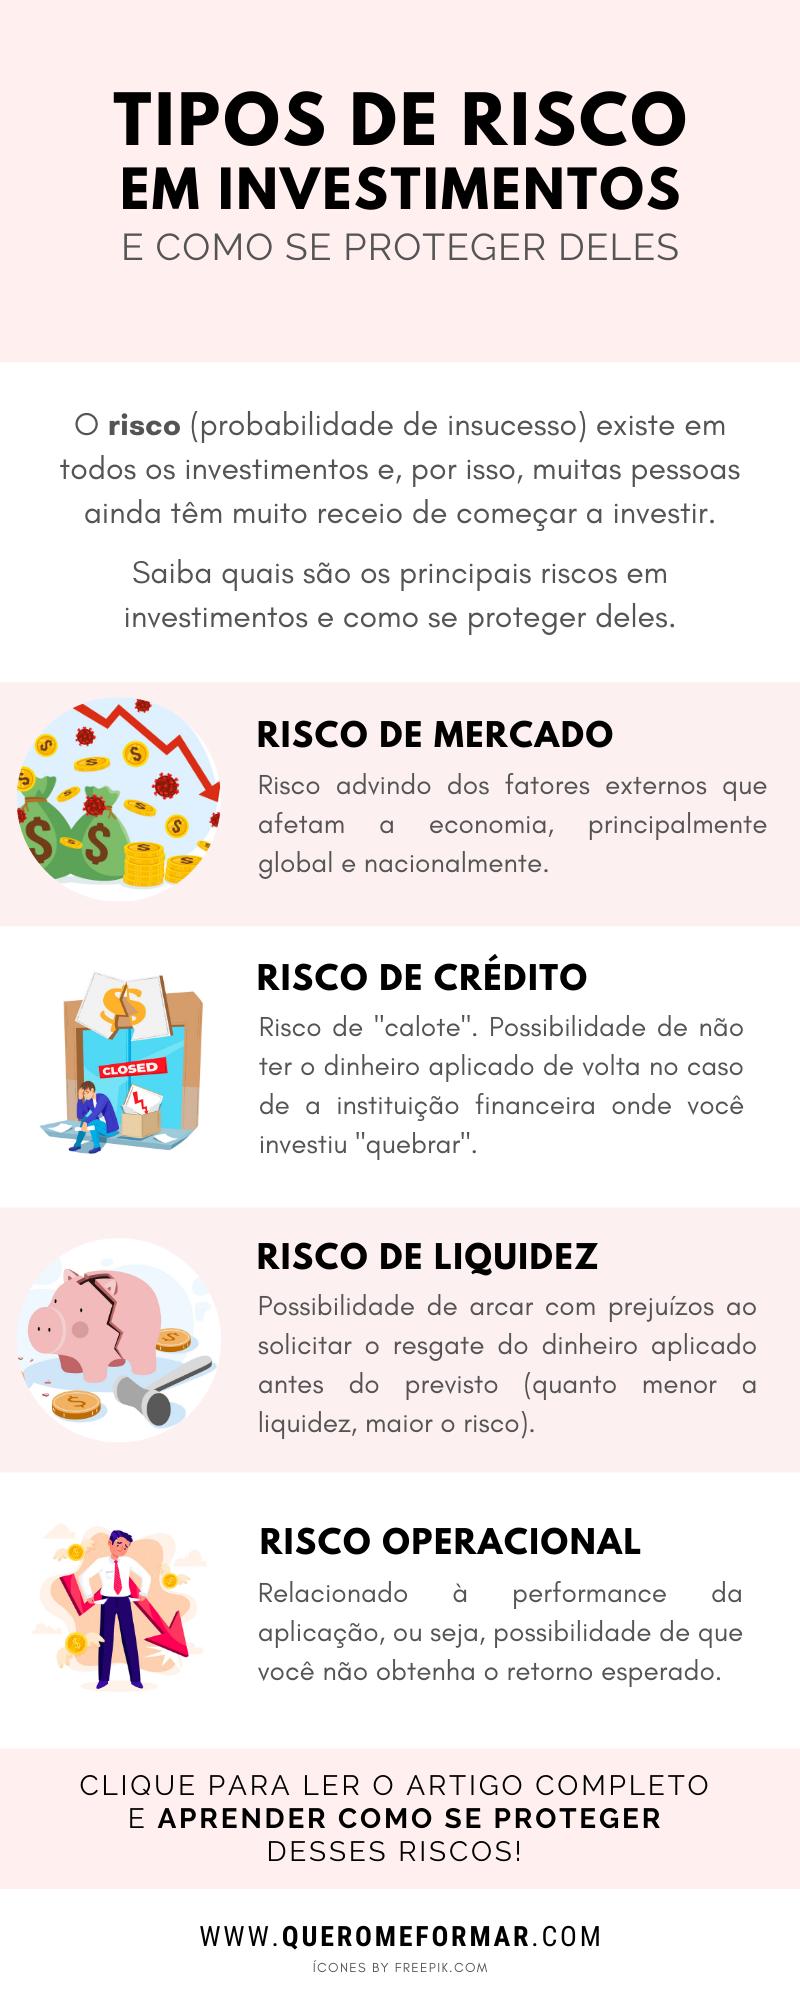 Infográfico Quais São os Tipos de Risco em Investimentos e Como Se Proteger Deles